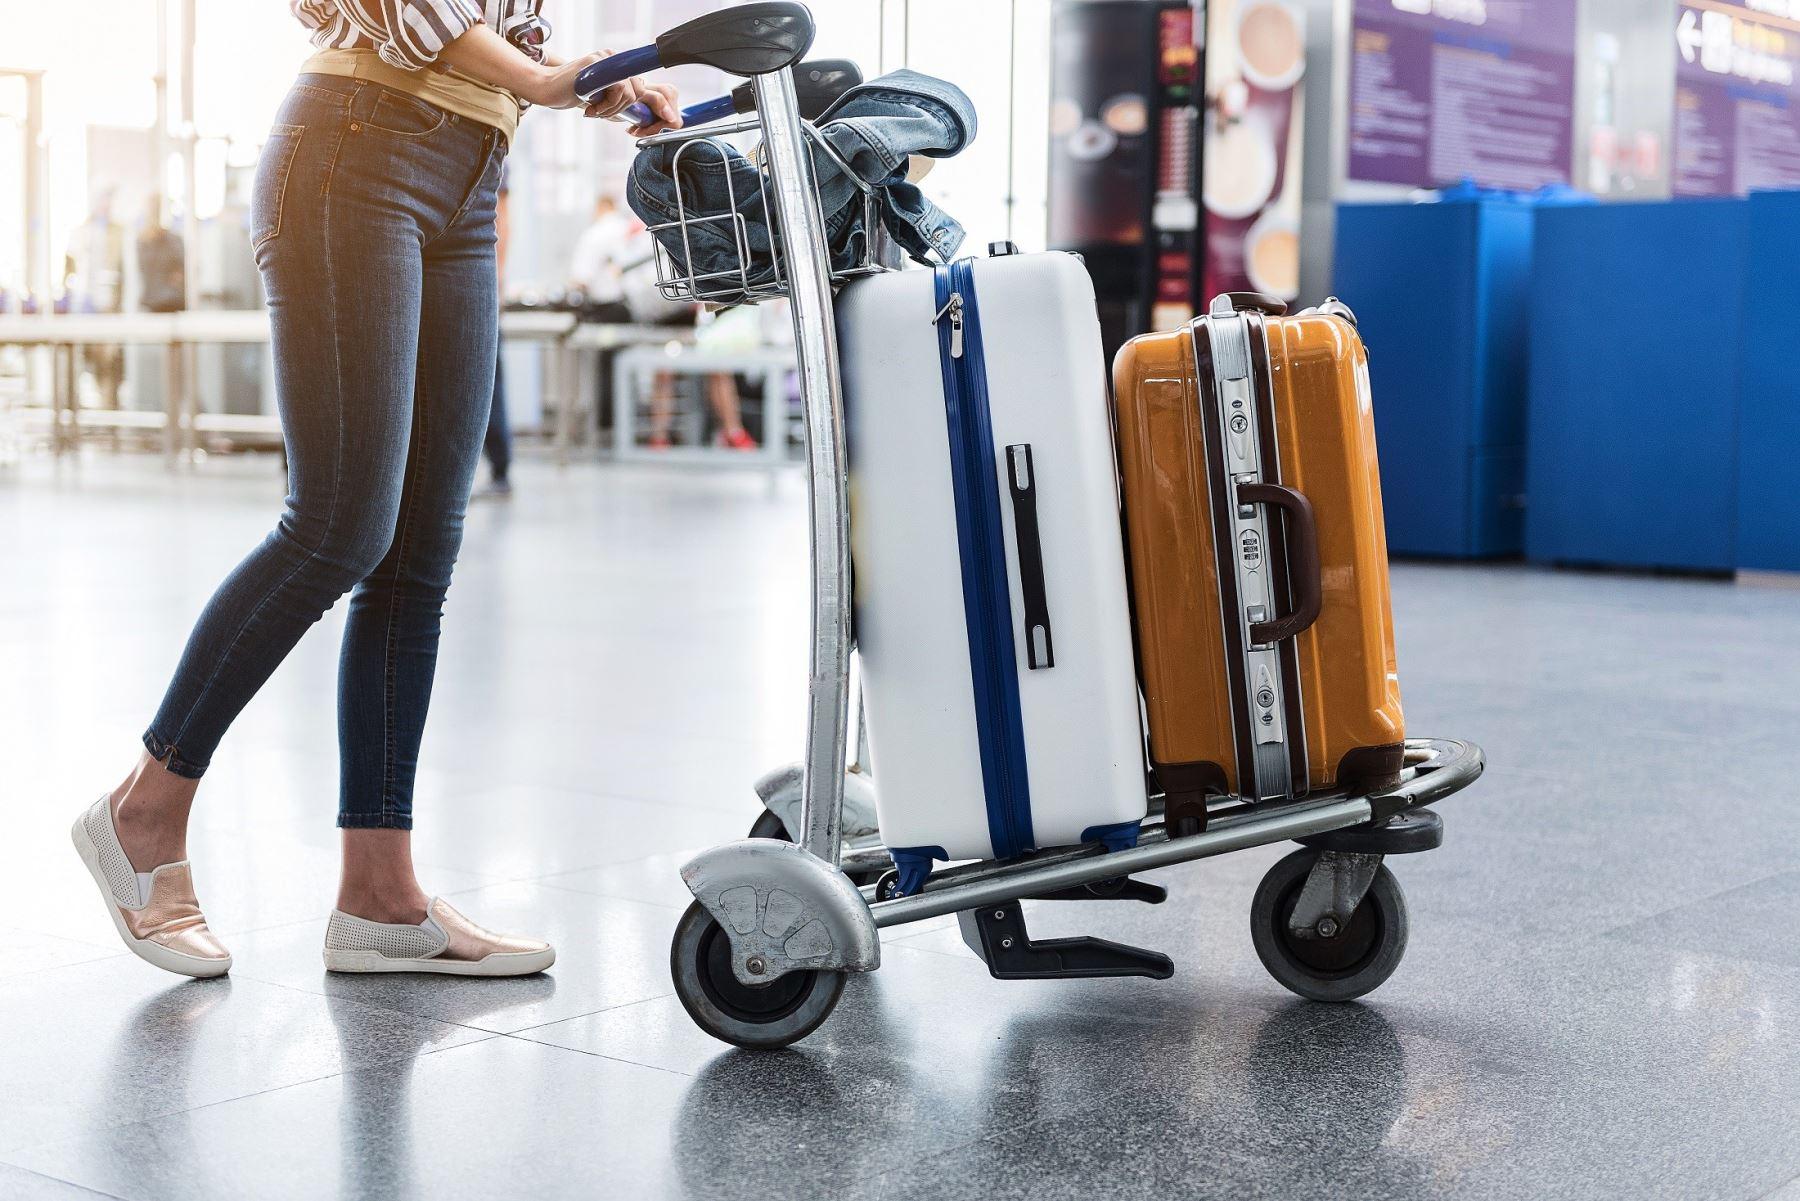 Peruanos prefieren viajar solos. Foto: Cortesía.